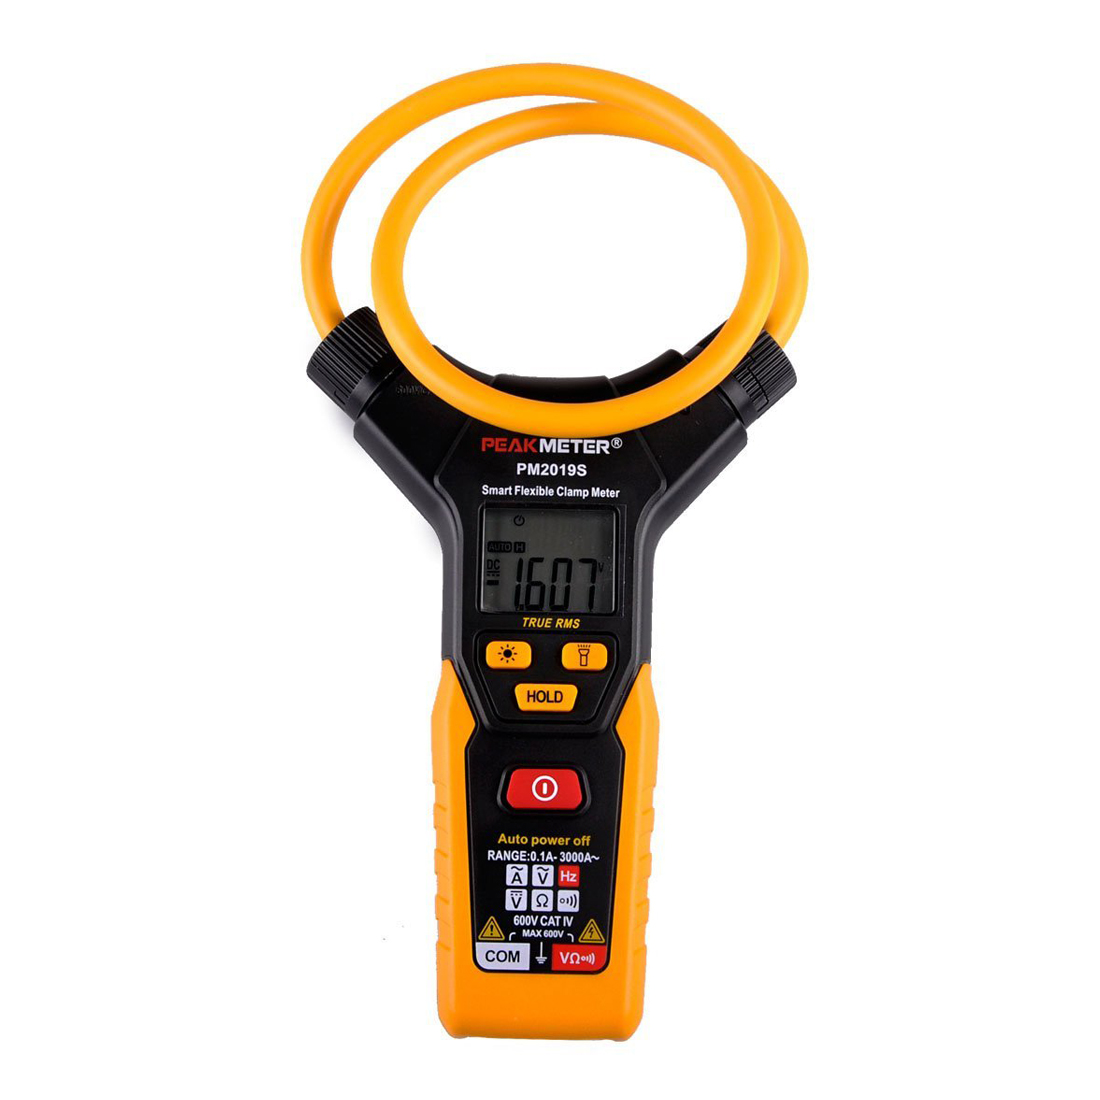 LIXF PEAKMETER PM2019S Digital Flexible Clamp Meter Smart AC DC Multimeter Voltage Tester svodka ot strelkova 19 06 2014 2019 s pometkoj srochno